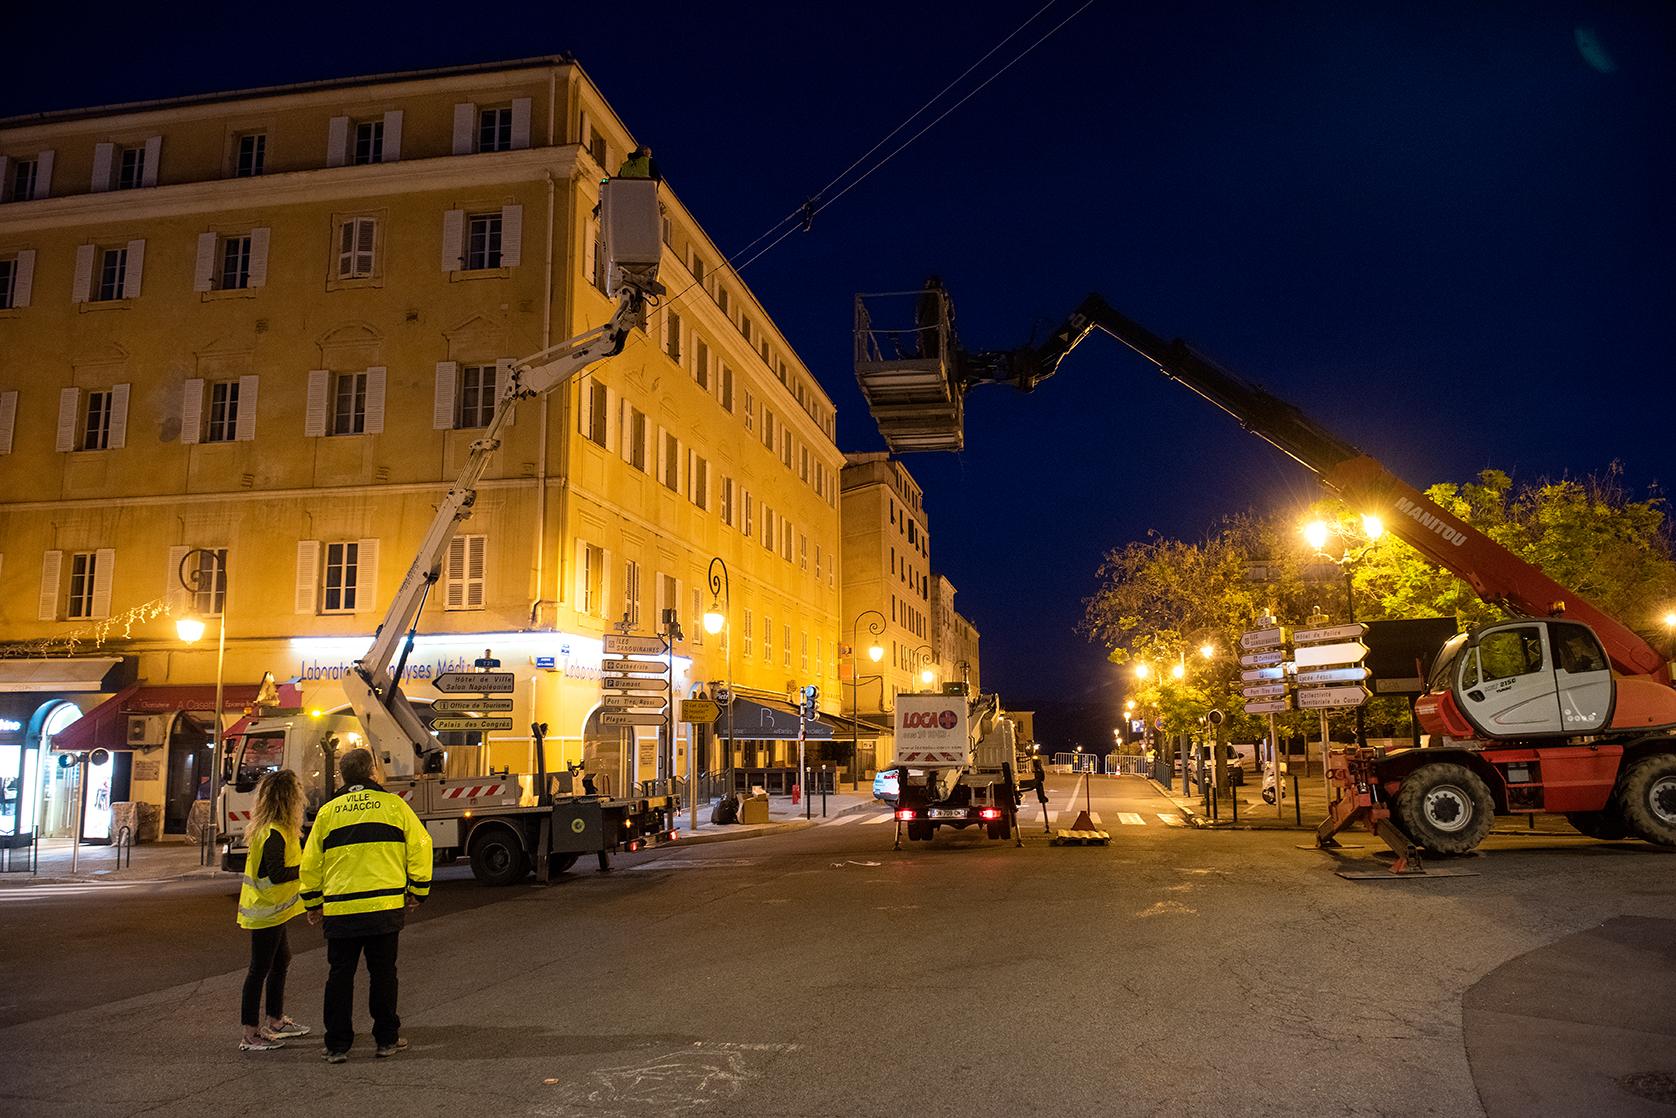 Deux câbles ont été tendus d'un immeuble à l'autre pour permettre l'accrochage de la couronne (Photos Ville d'Ajaccio).